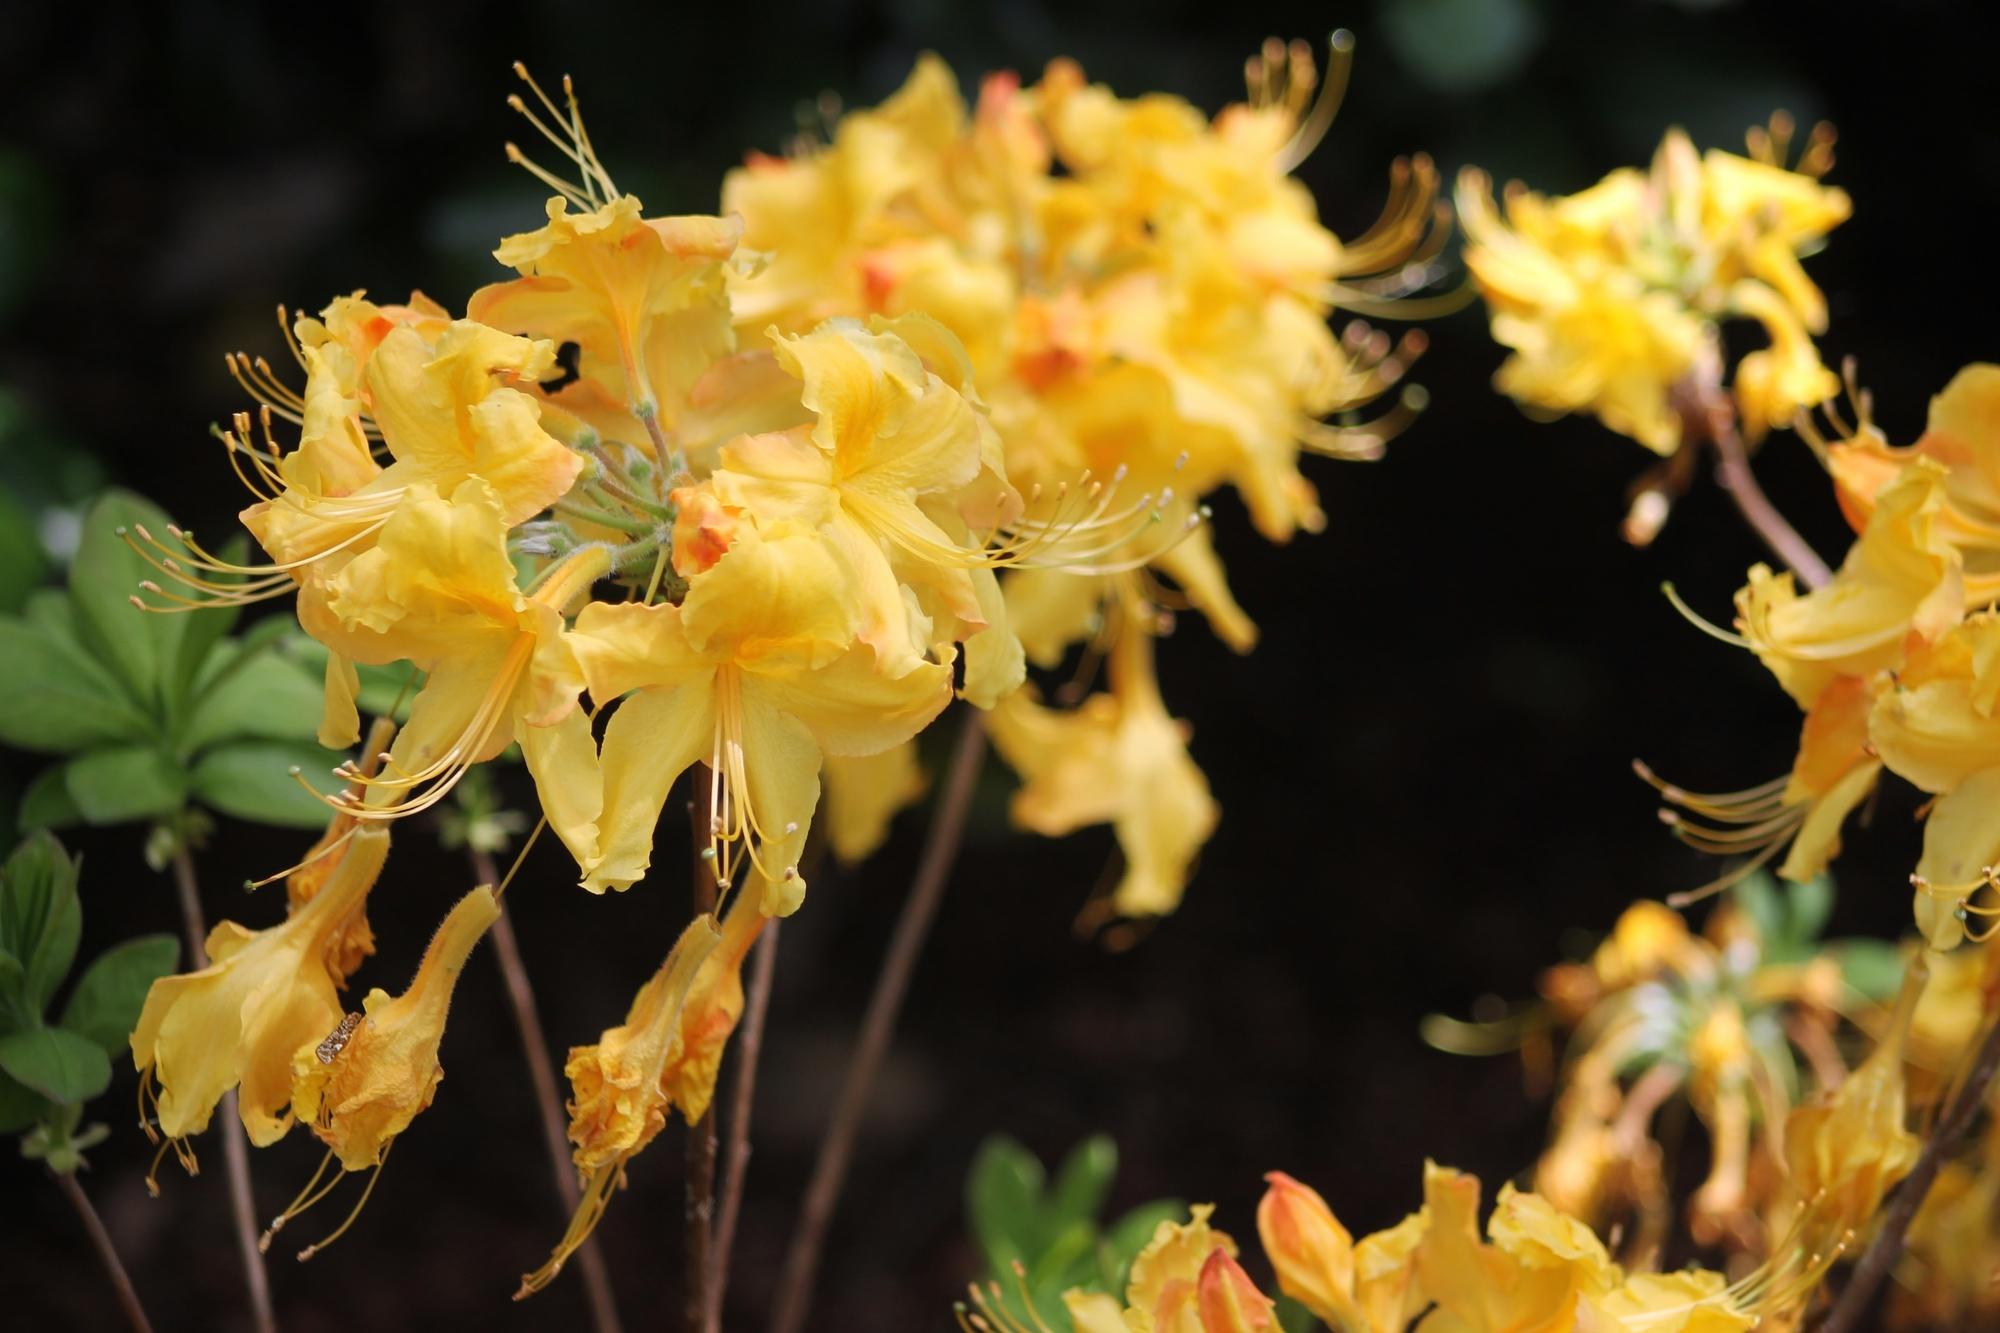 yellow-flowers-in-wind.jpg